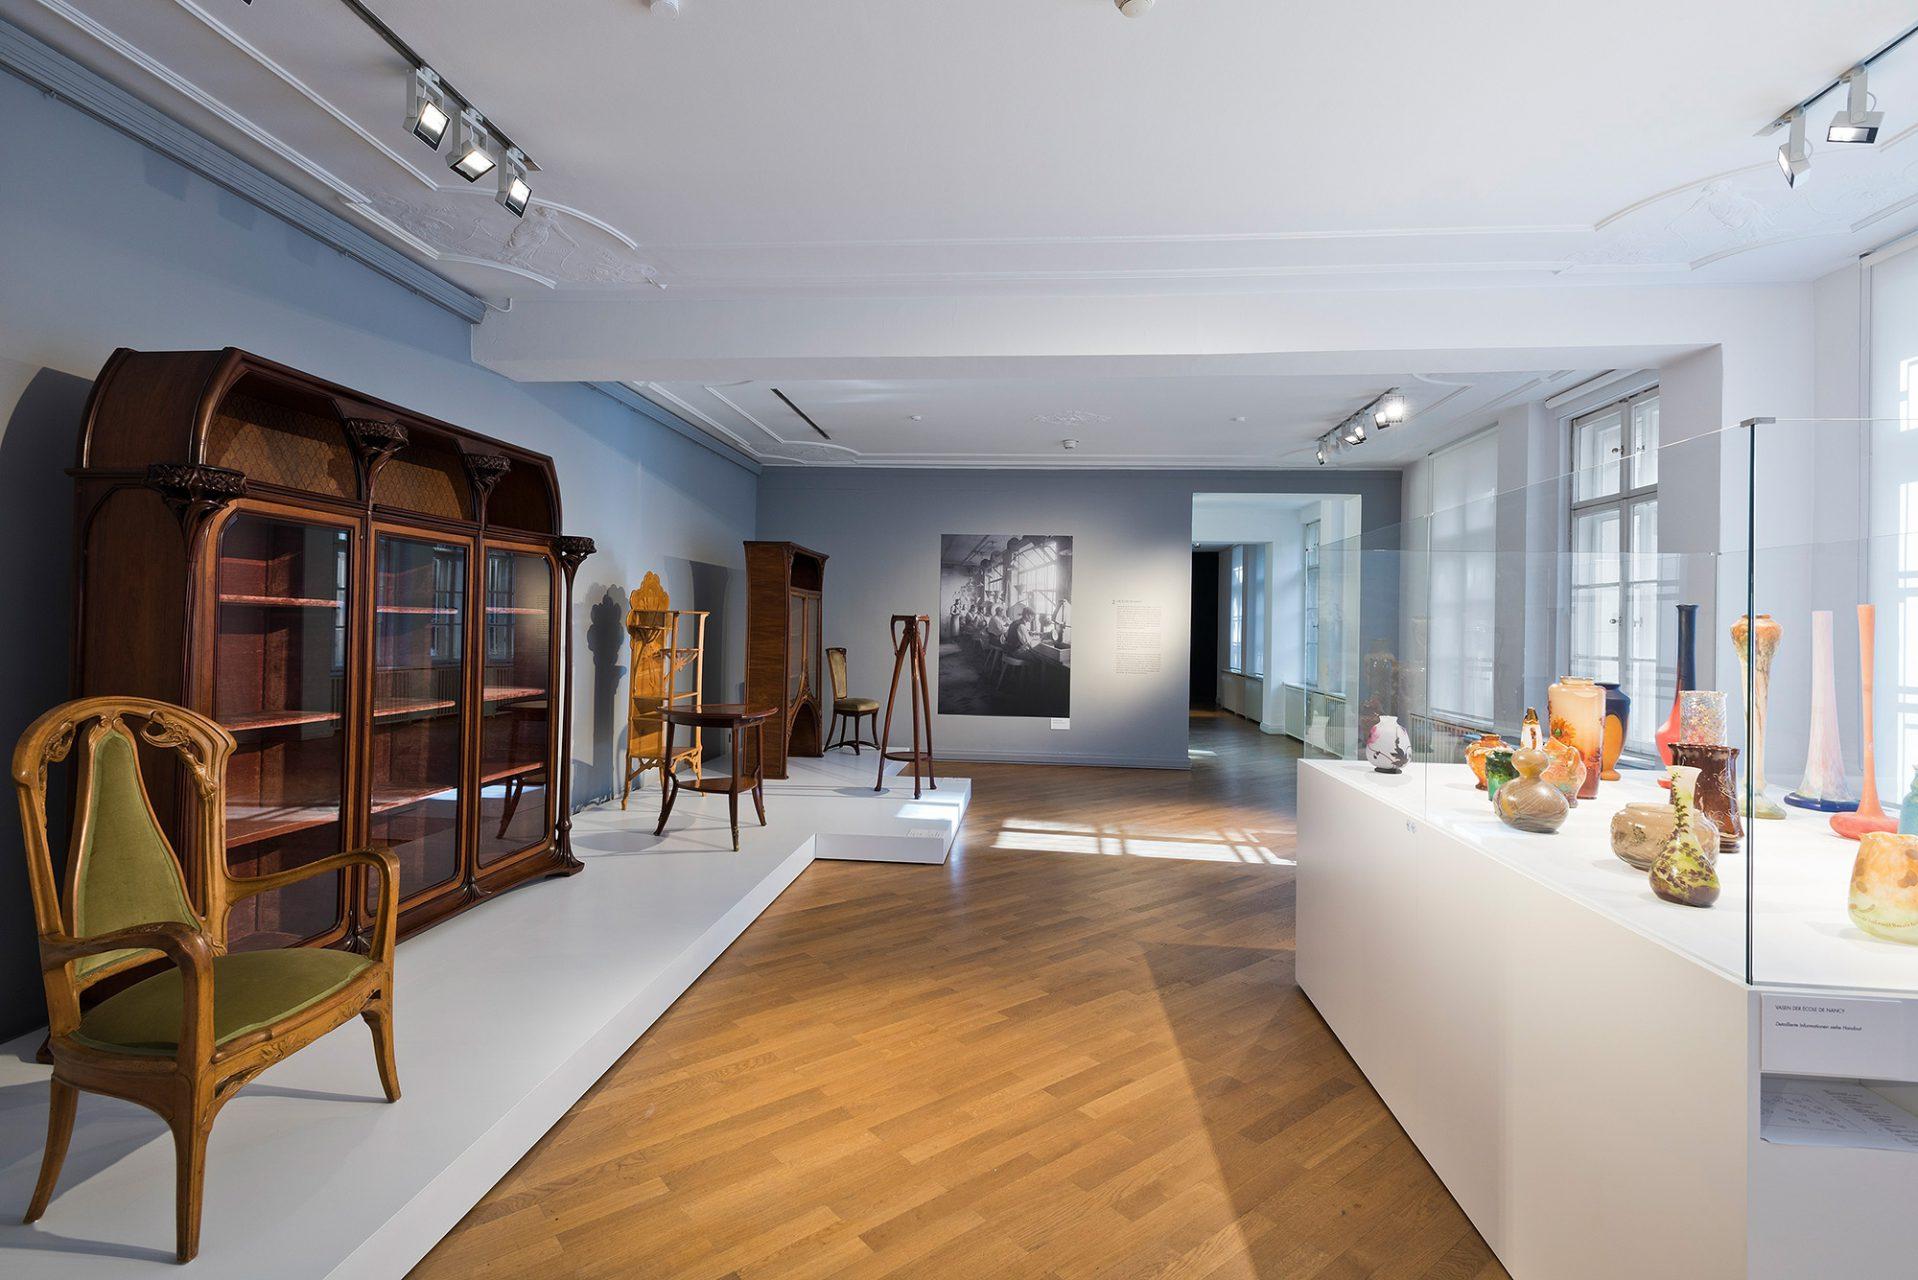 École de Nancy.  Die Gruppe des 1901 gegründeten Zusammenschlusses aus Künstlern, Kunsthandwerkern und Architekten spiegelte ihre Naturbegeisterung in ihren Entwürfen. Sie waren zu dieser Zeit führend in der Entwicklung der industrialisierten Kunstproduktion, besonders im Bereich der Glaskunst.